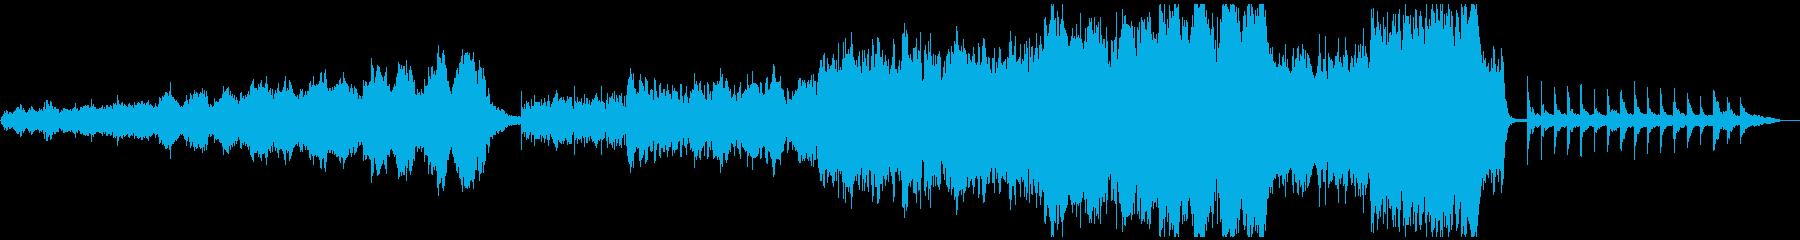 北欧風 オーケストラ アンビエントの再生済みの波形